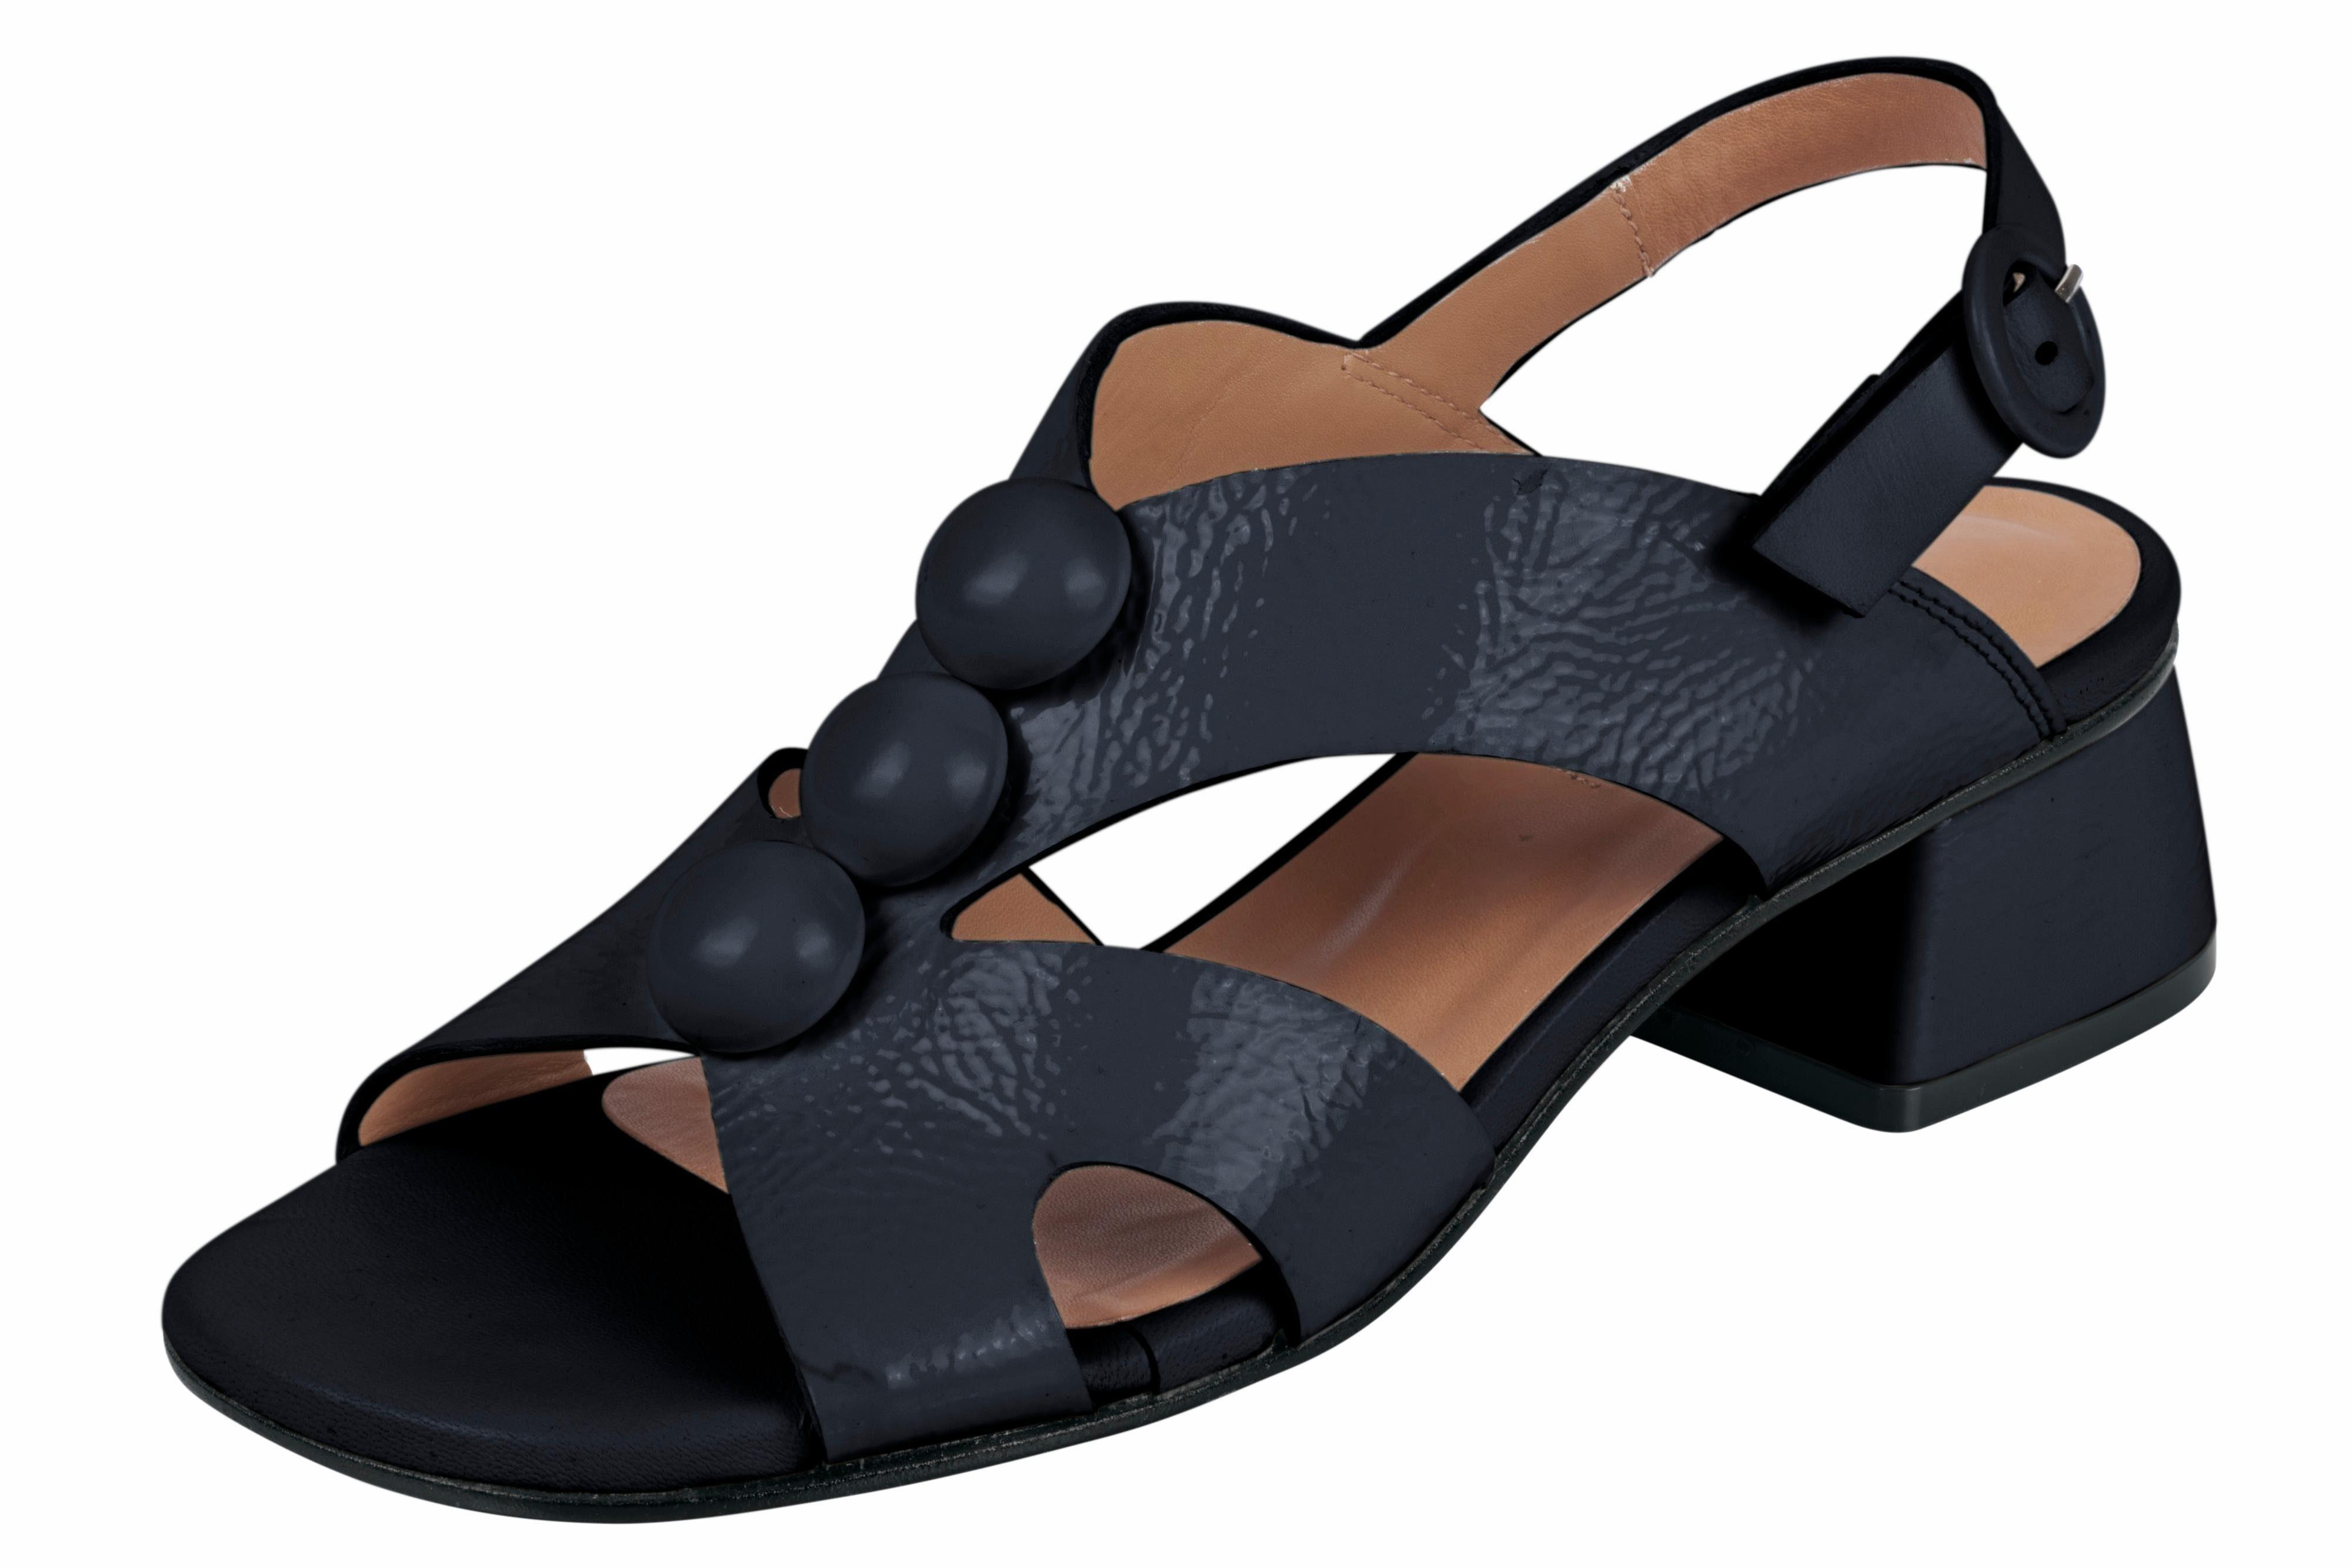 ZINDA Sandalette aus Lackleder, schwarz, schwarz